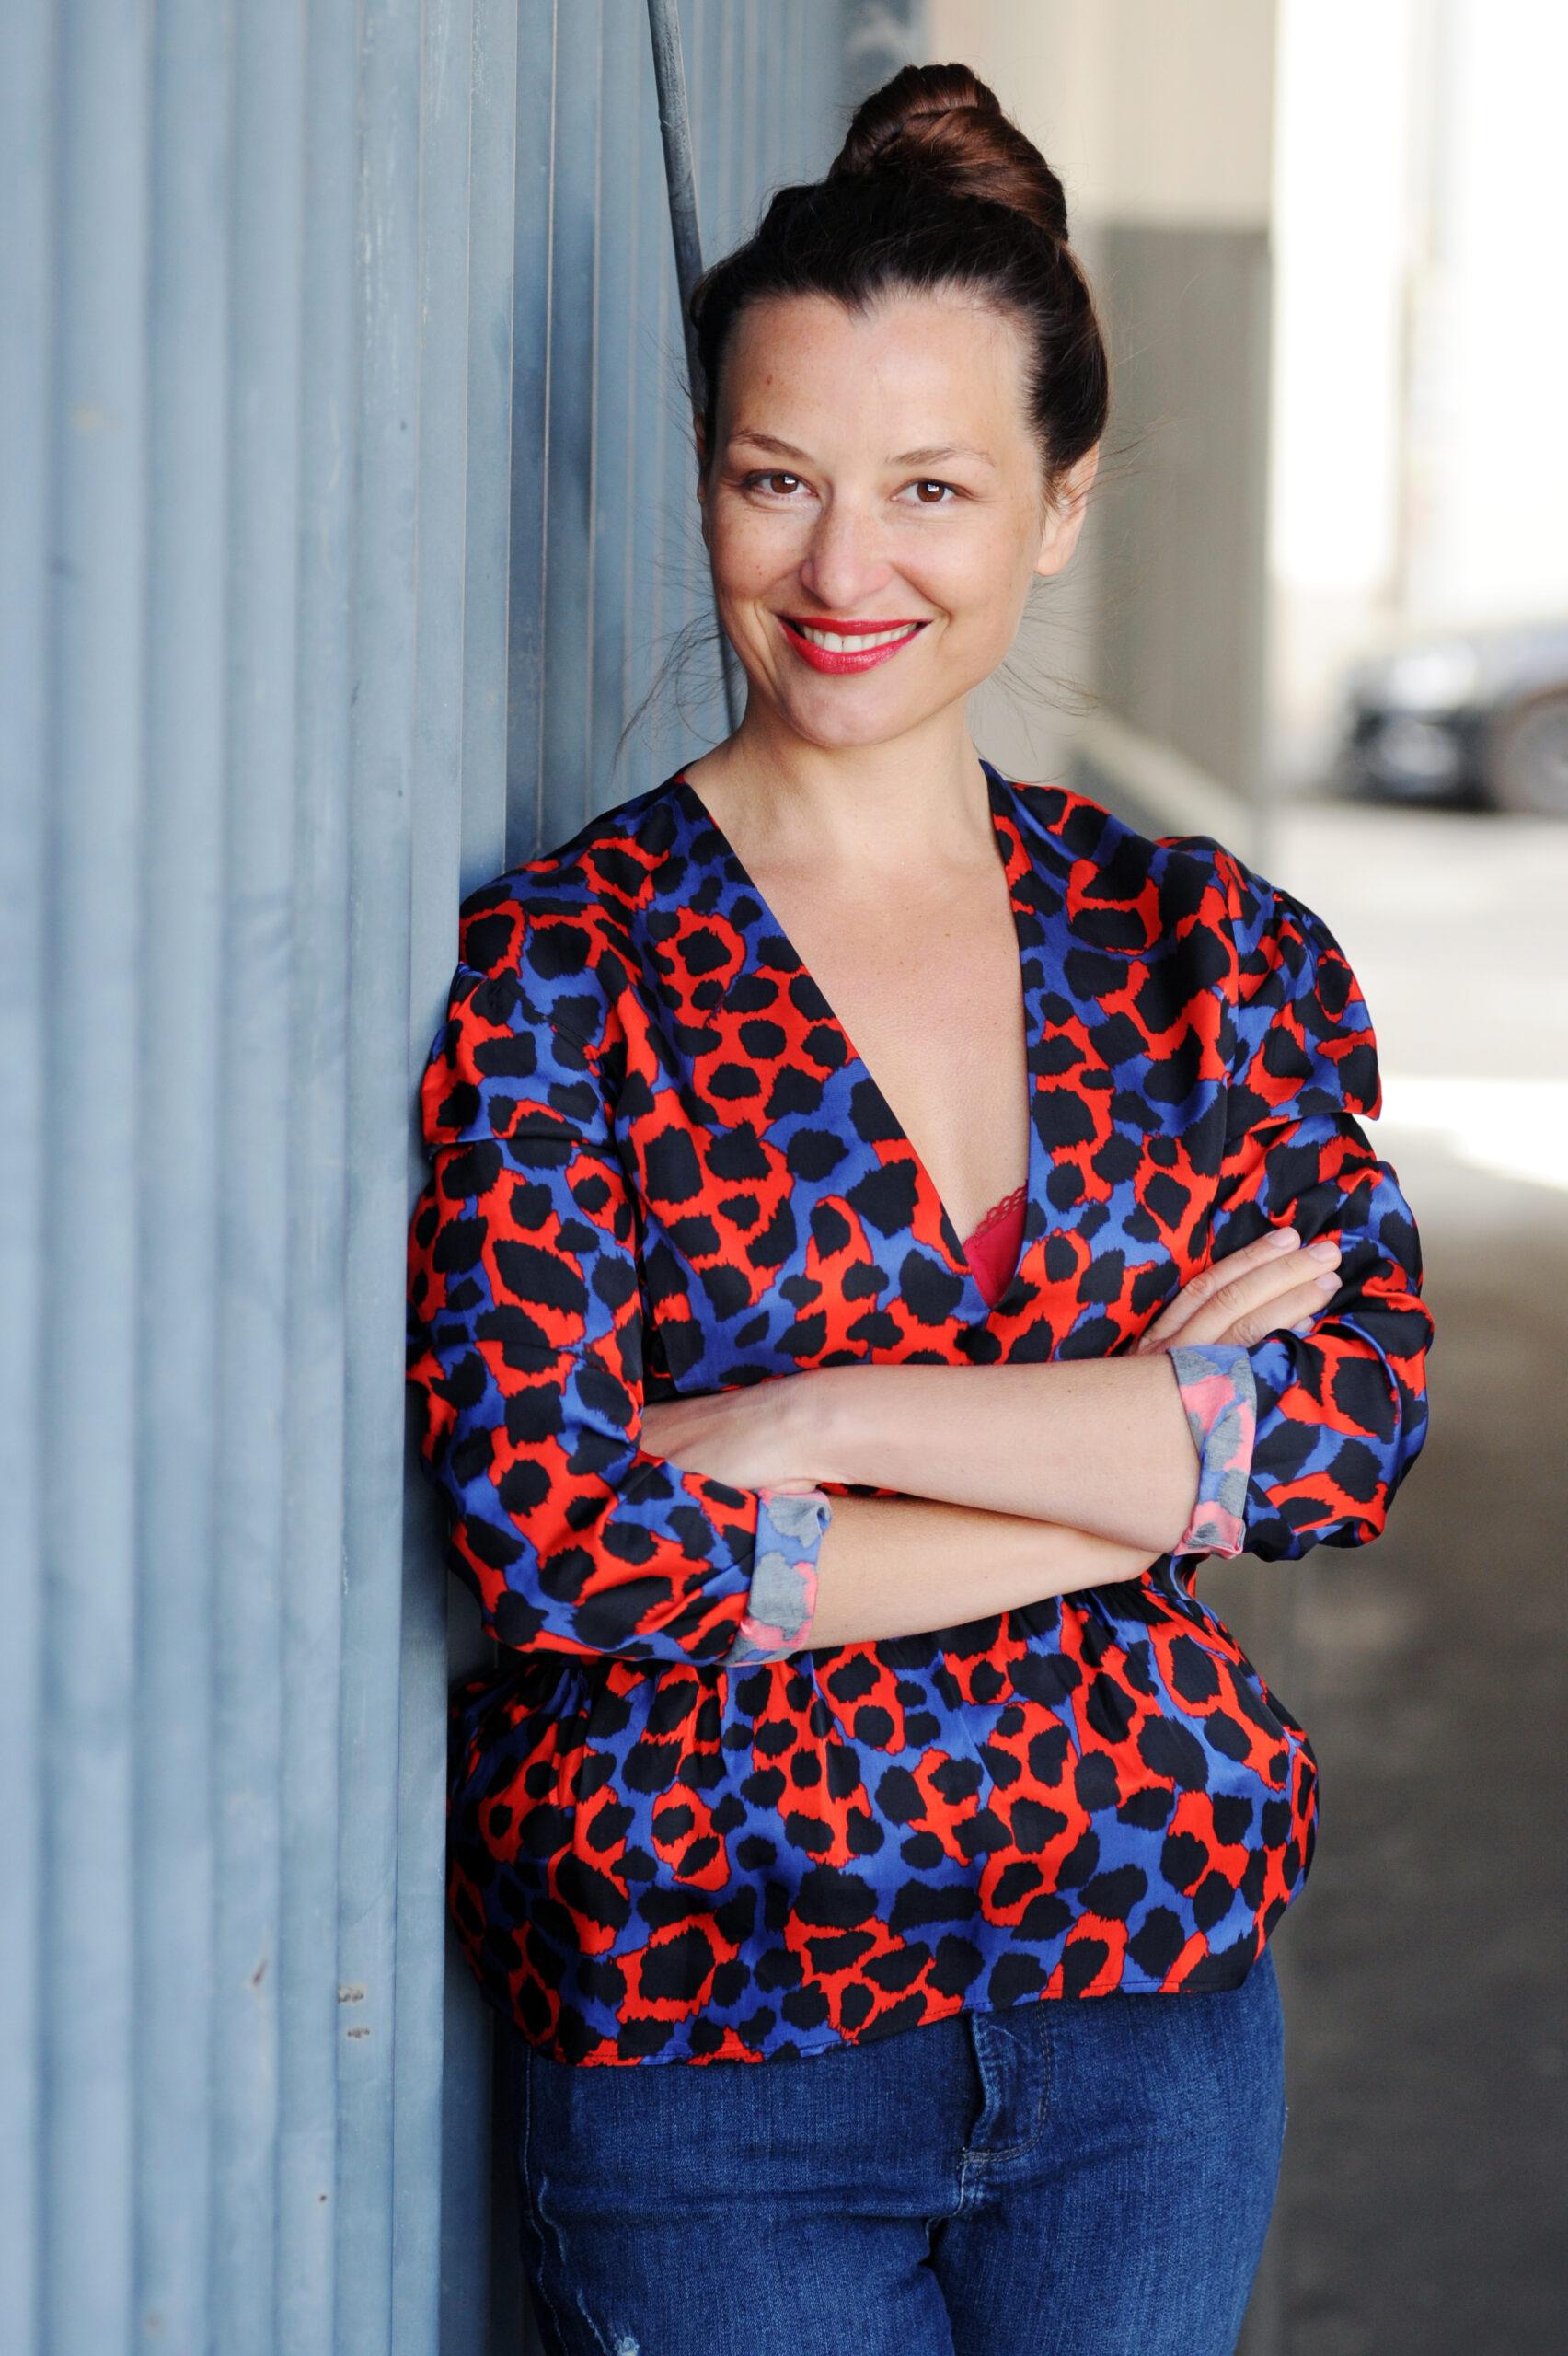 Caroline Betz Schauspielerin Köln Film Fernsehen Theater Bühne Porträt Künstlerin Halbkörper fotografiert von Jennifer Fey